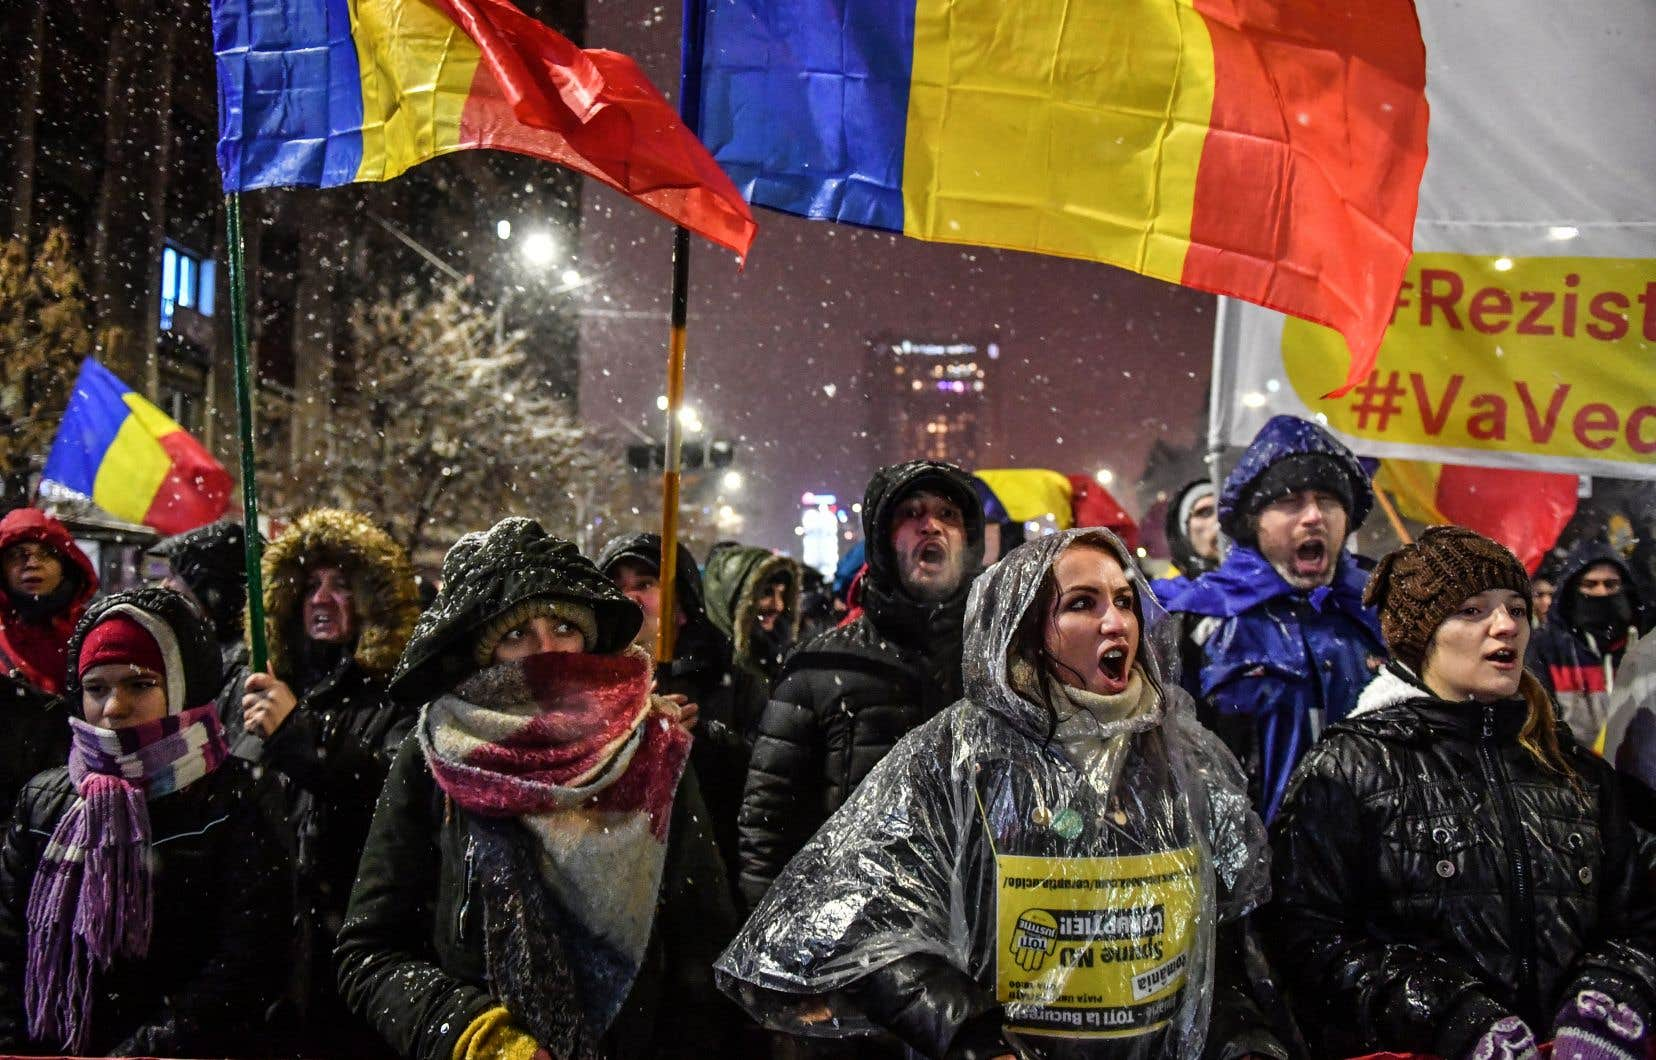 Ces nouvelles manifestations interviennent quelques jours après la démission forcée du premier ministre social-démocrate Mihai Tudose.